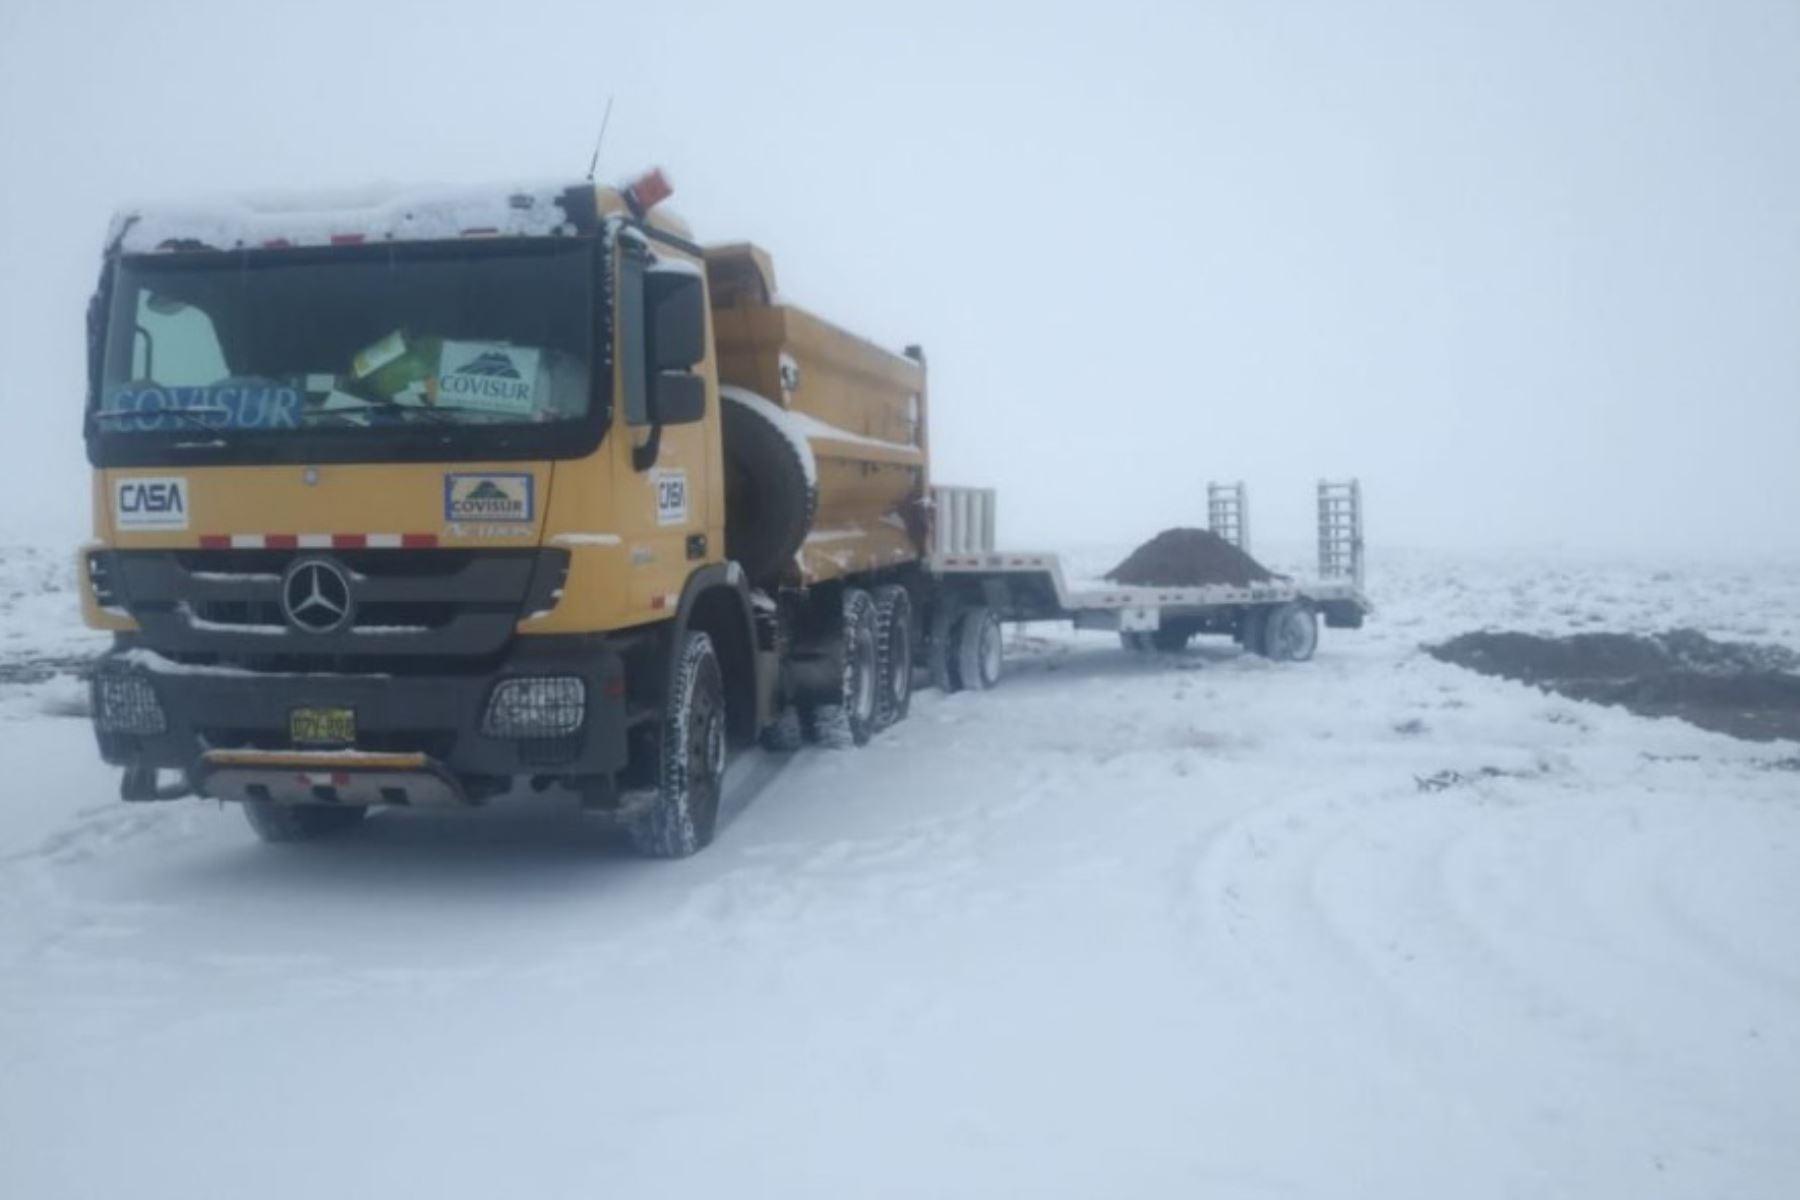 El tránsito es restringido en tres tramos ubicados en tres provincias de la región Arequipa, debido a la presencia de nevadas que cayeron durante la madrugada, informó el MTC. ANDINA/Difusión